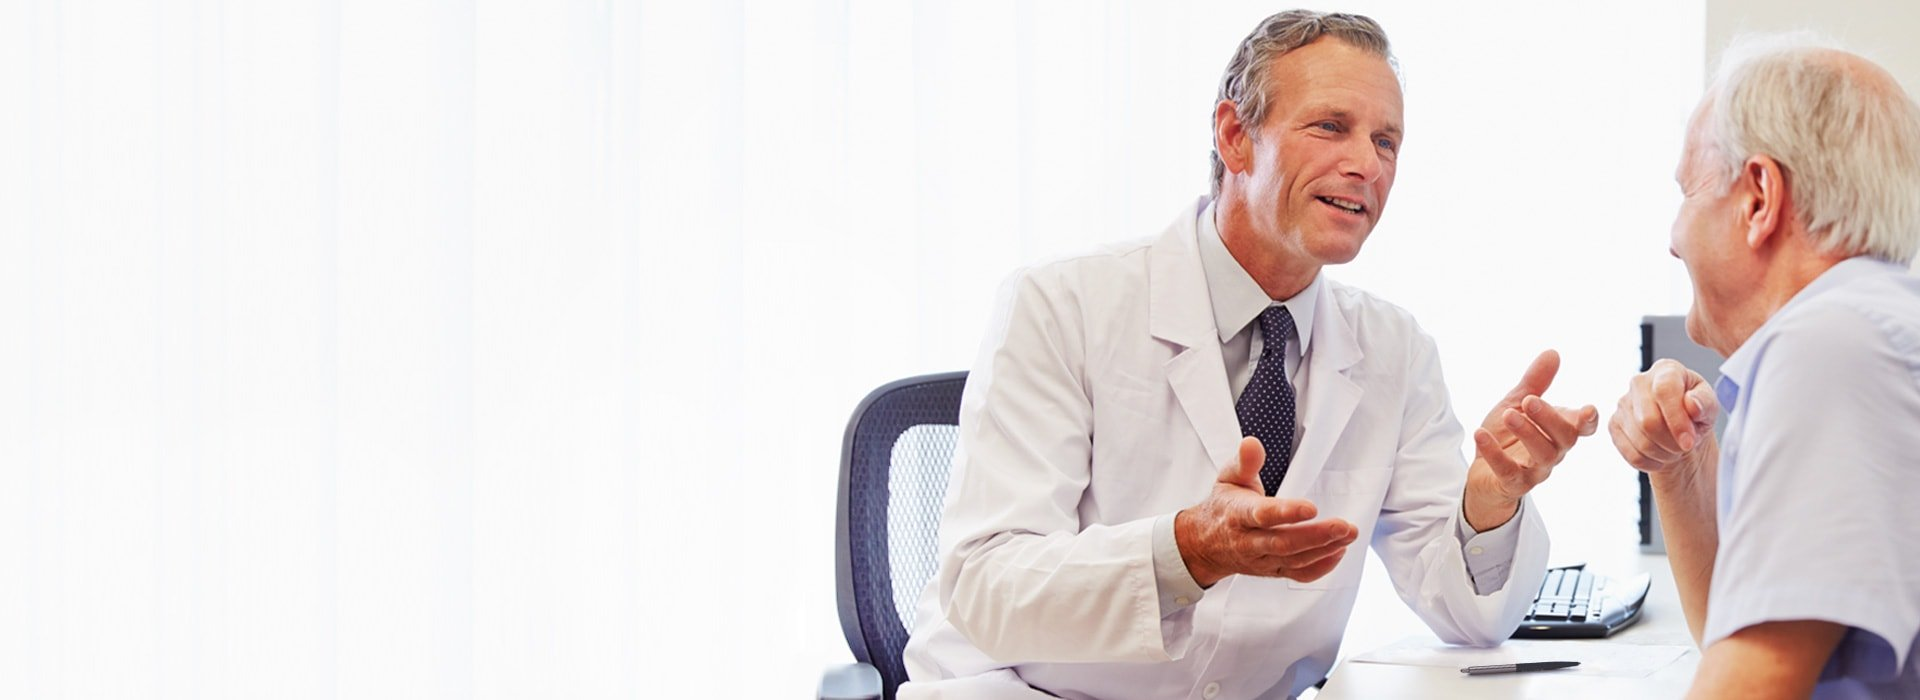 一位男子正在向聽力照顧專家或聽力師諮詢